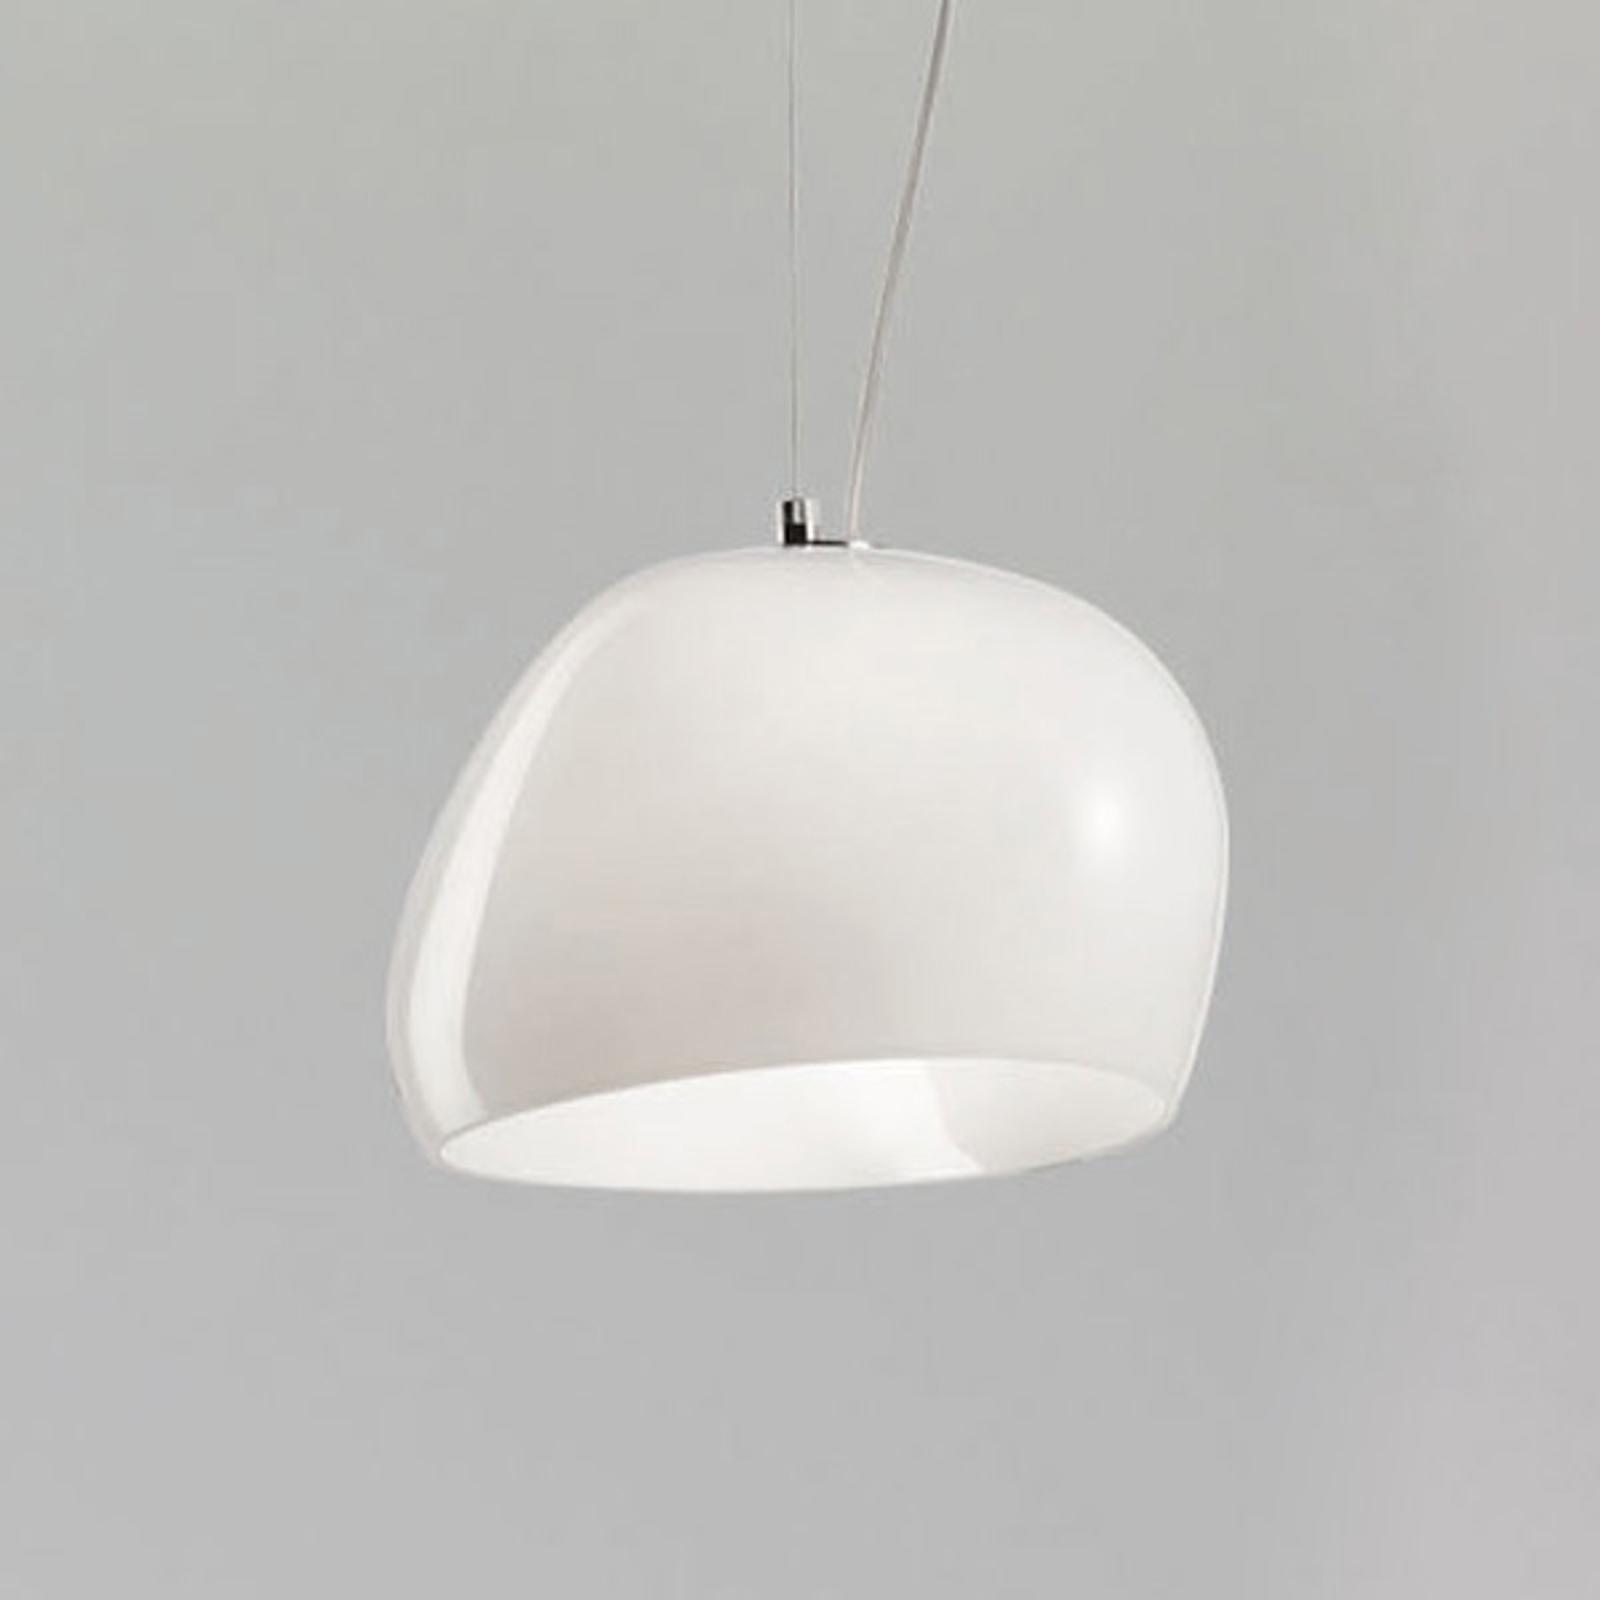 Hengelampe Surface Ø 27 cm, E27, hvit/matthvit